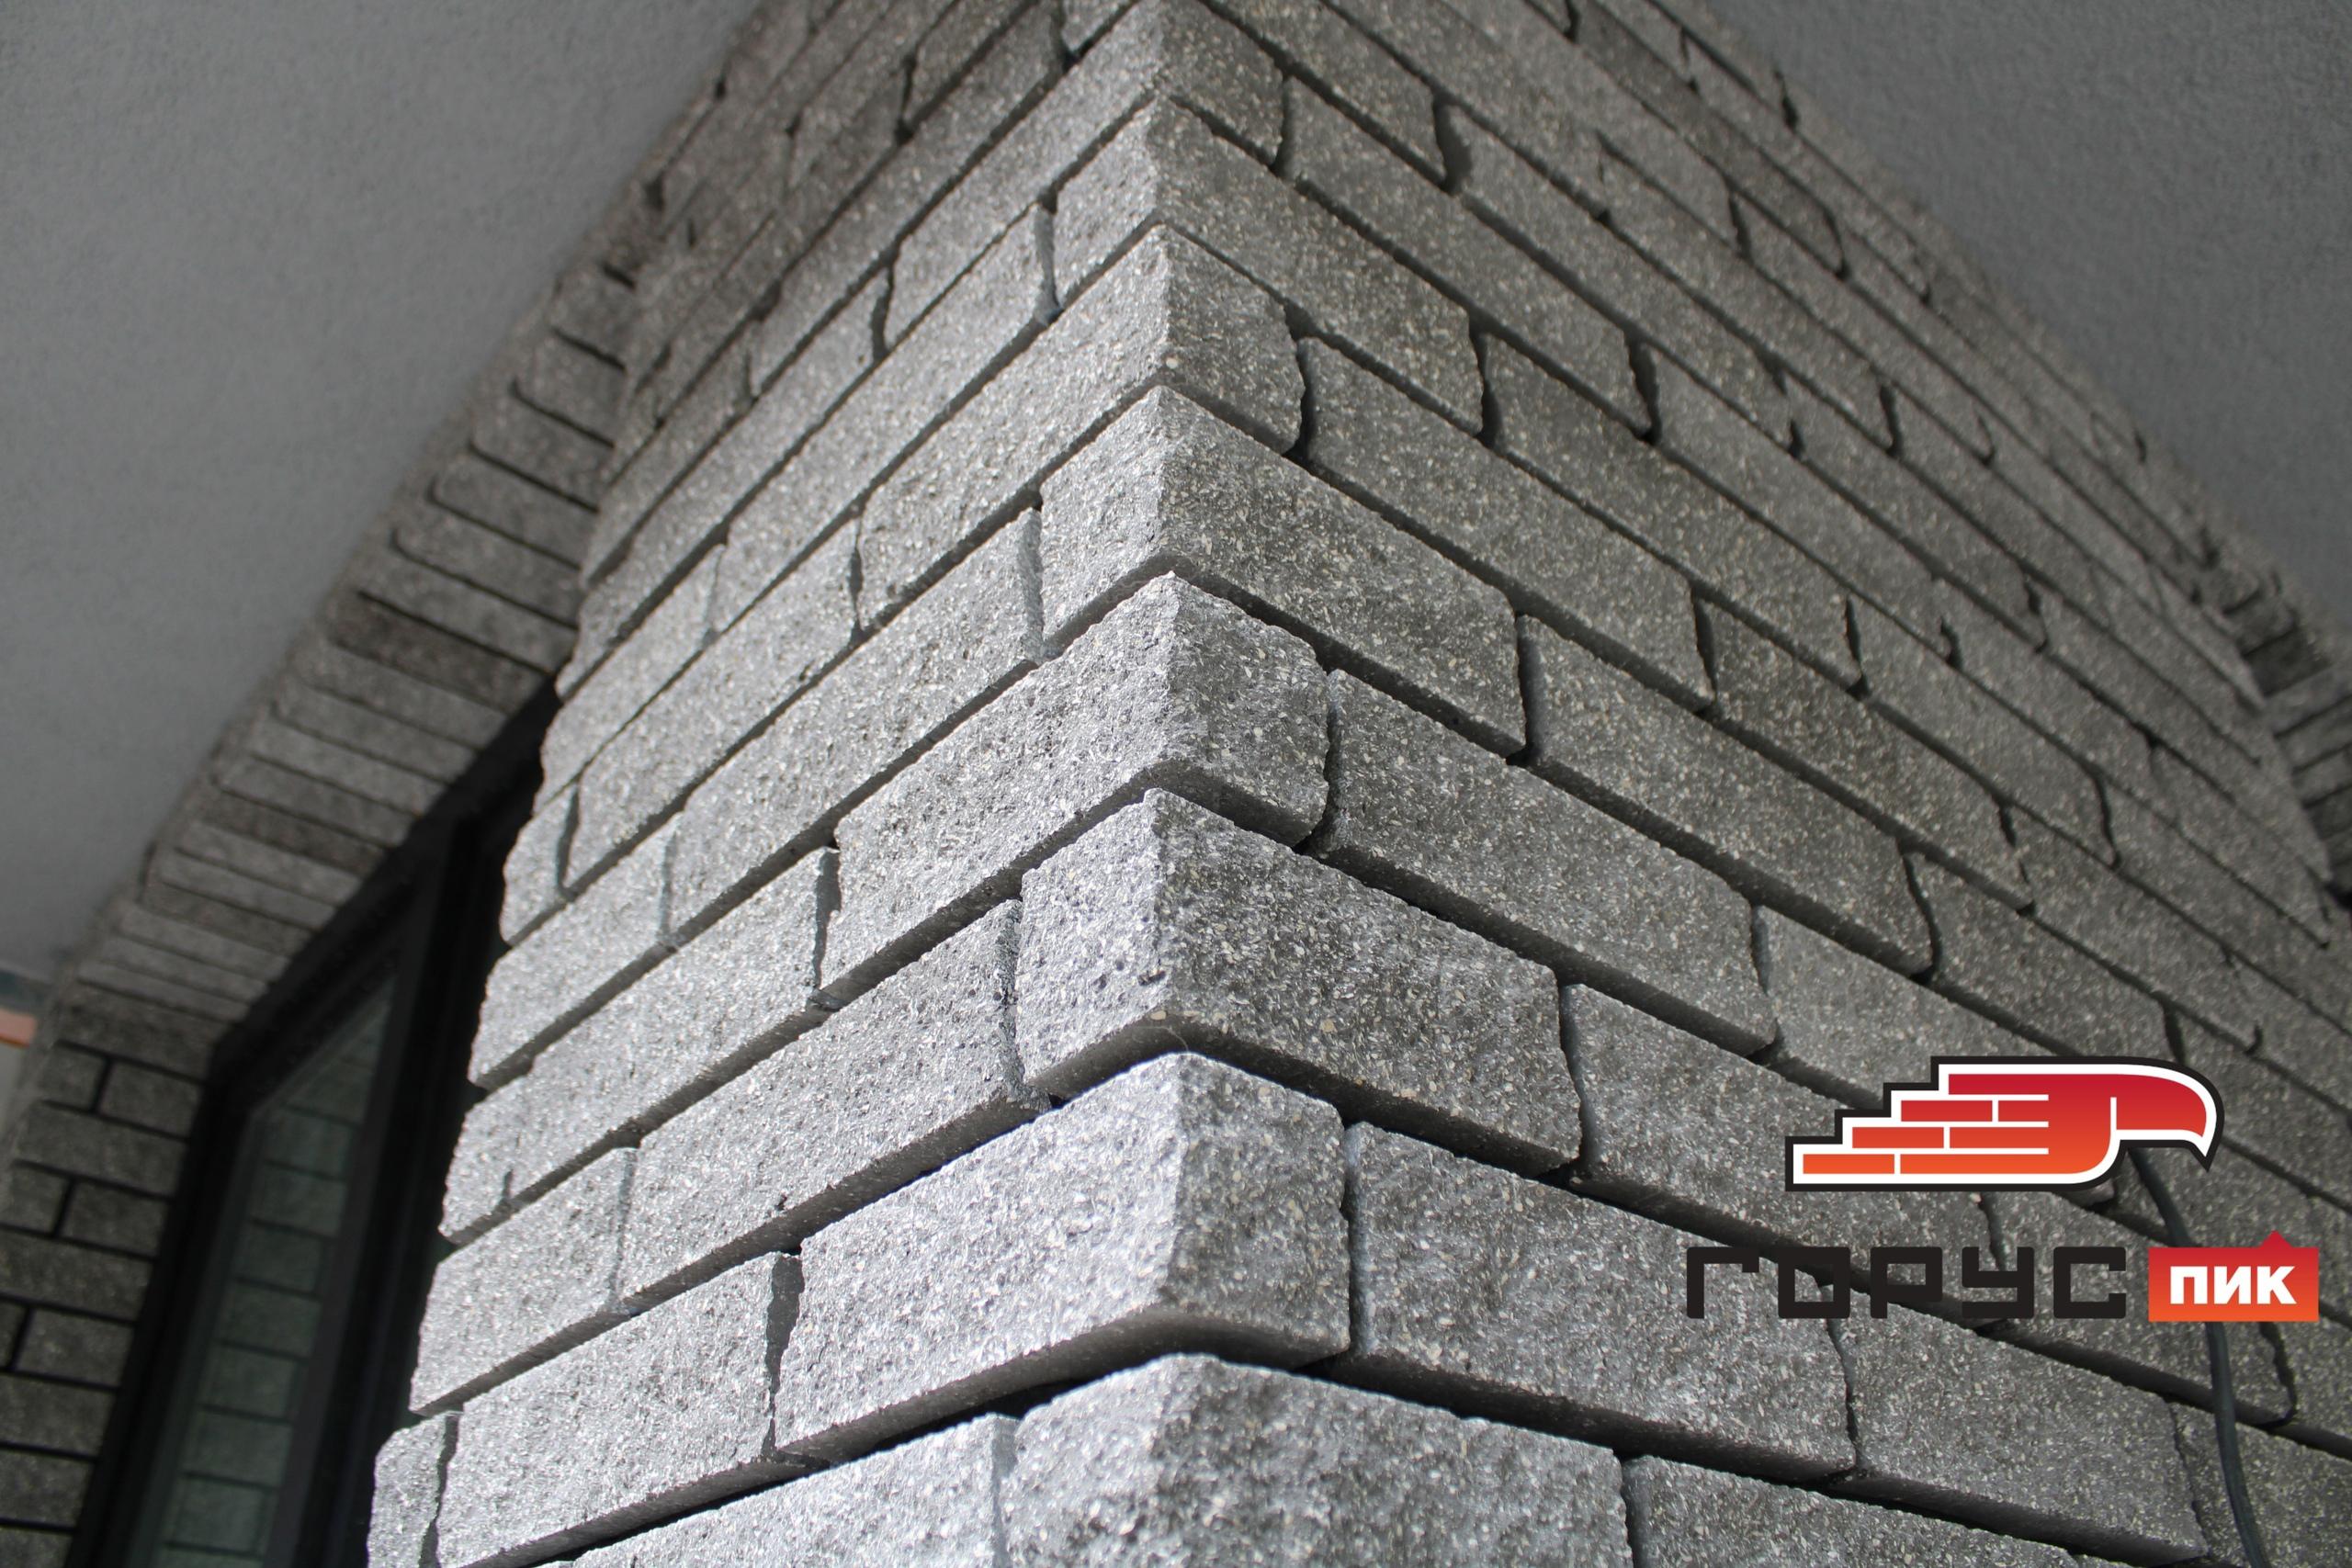 Процесс облицовки банного комплекса в городе Самара плиткой и еврокирпичом